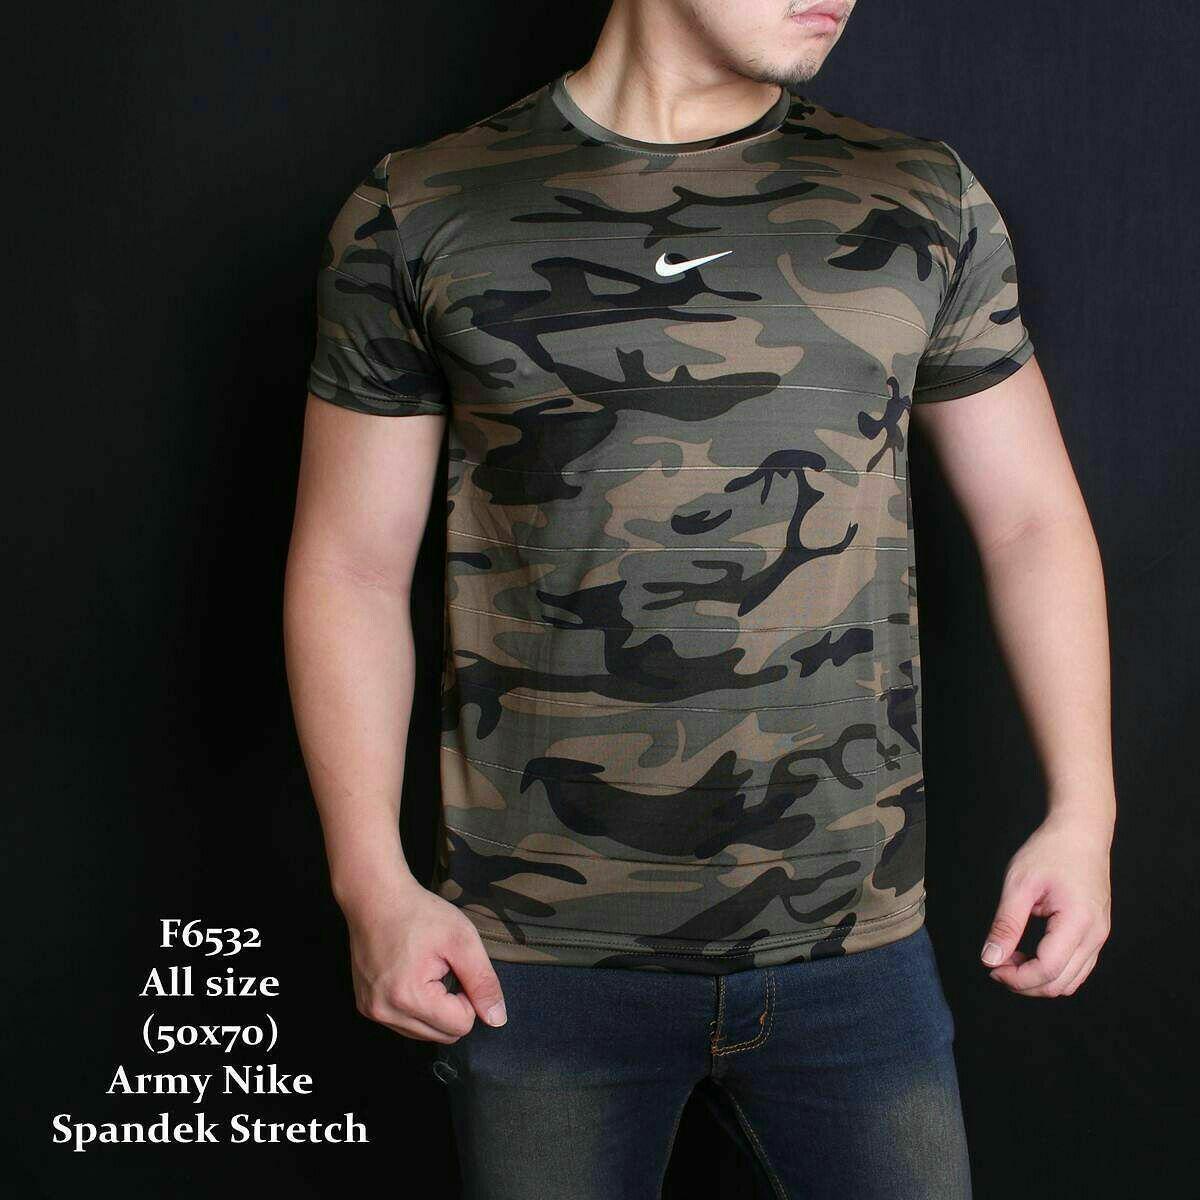 Kaos Army Lengan Pendek Pria - Tshirt TNI Loreng Militer Premium Motif Nike Hijau